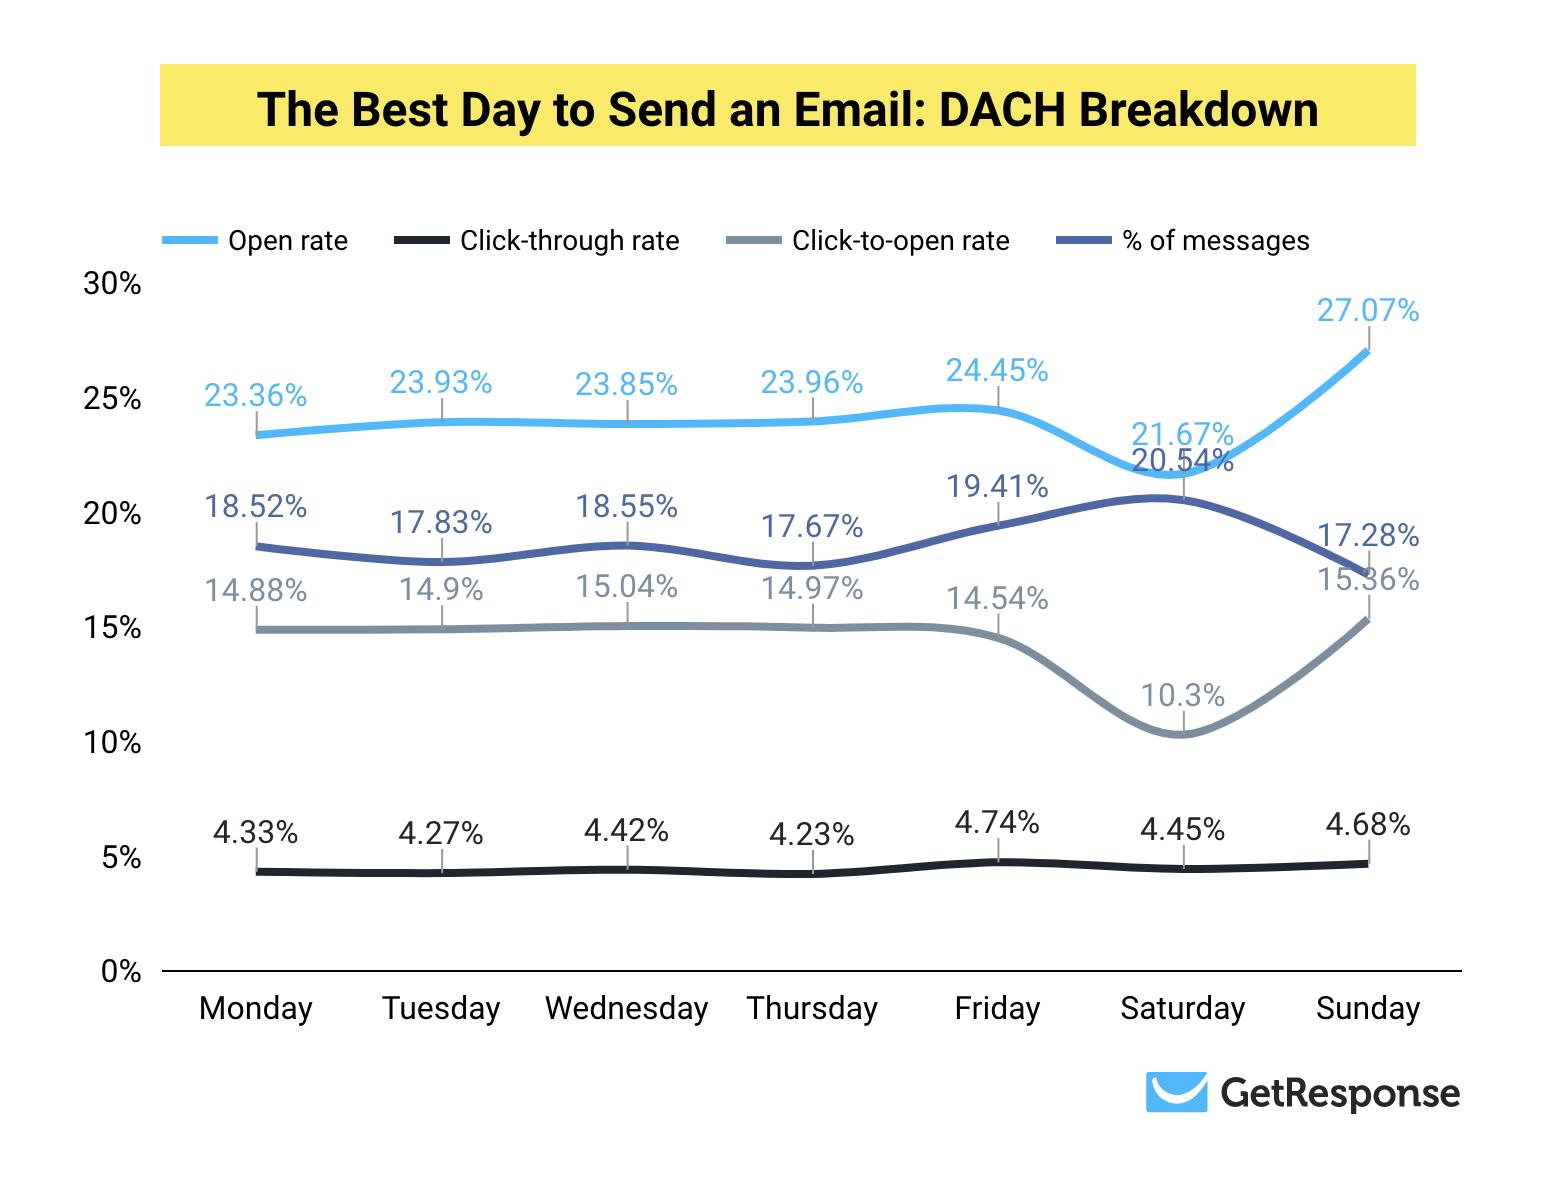 Самый оптимальный день для доставки: итоговые результаты для DACH